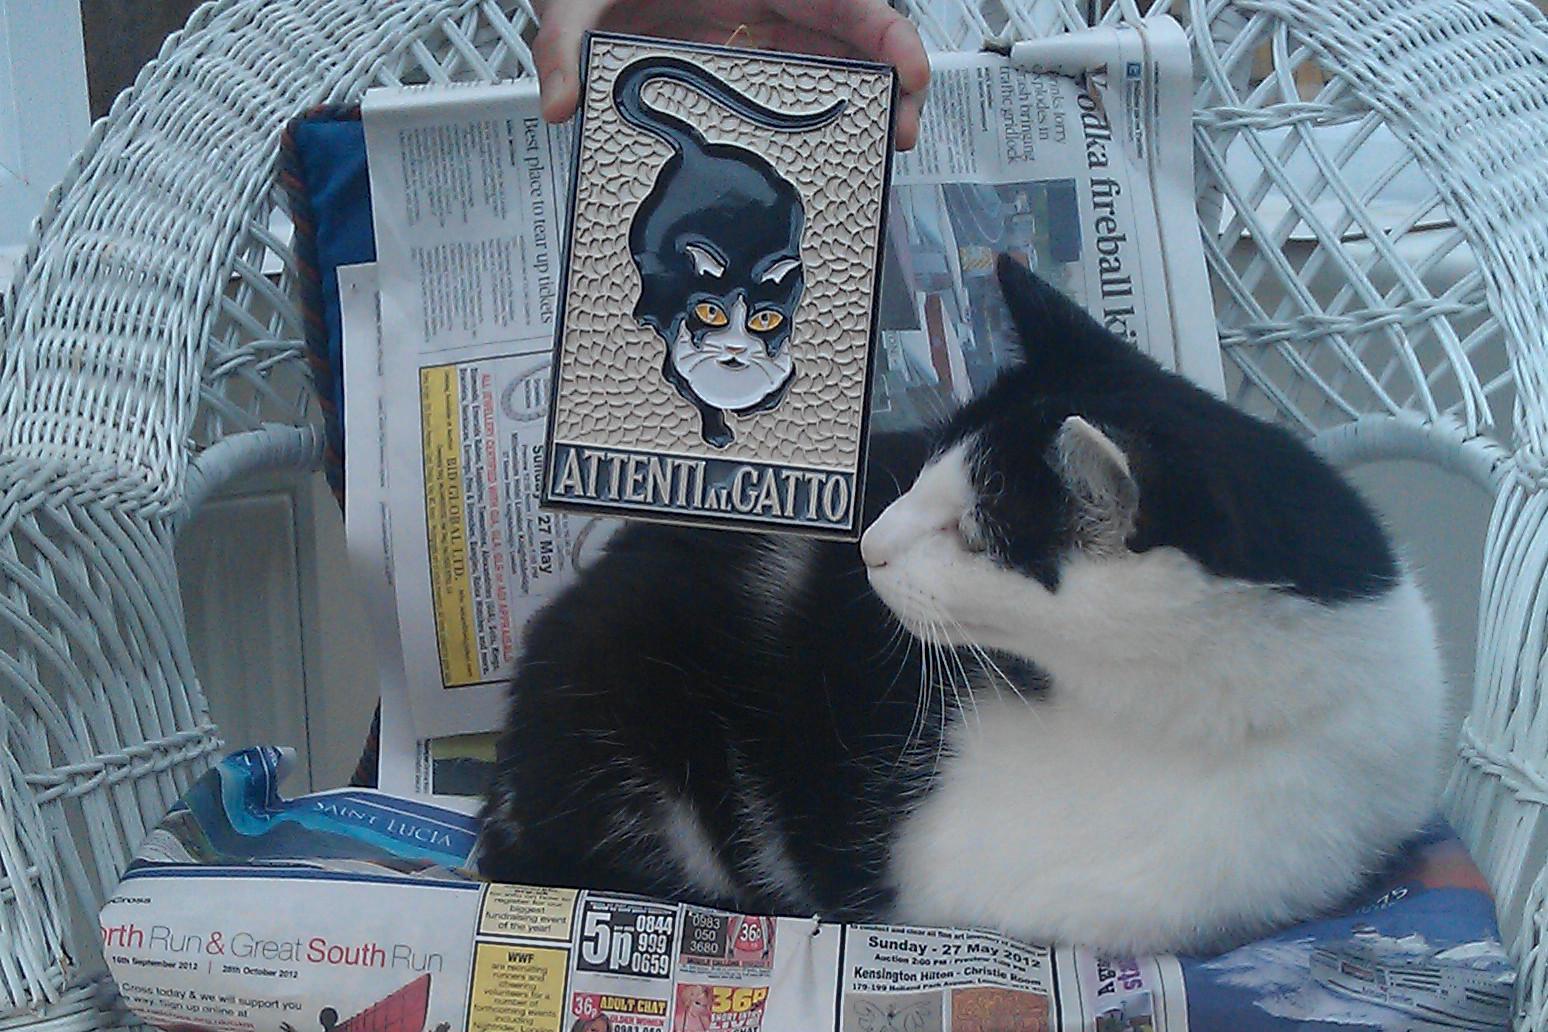 A cat on social media